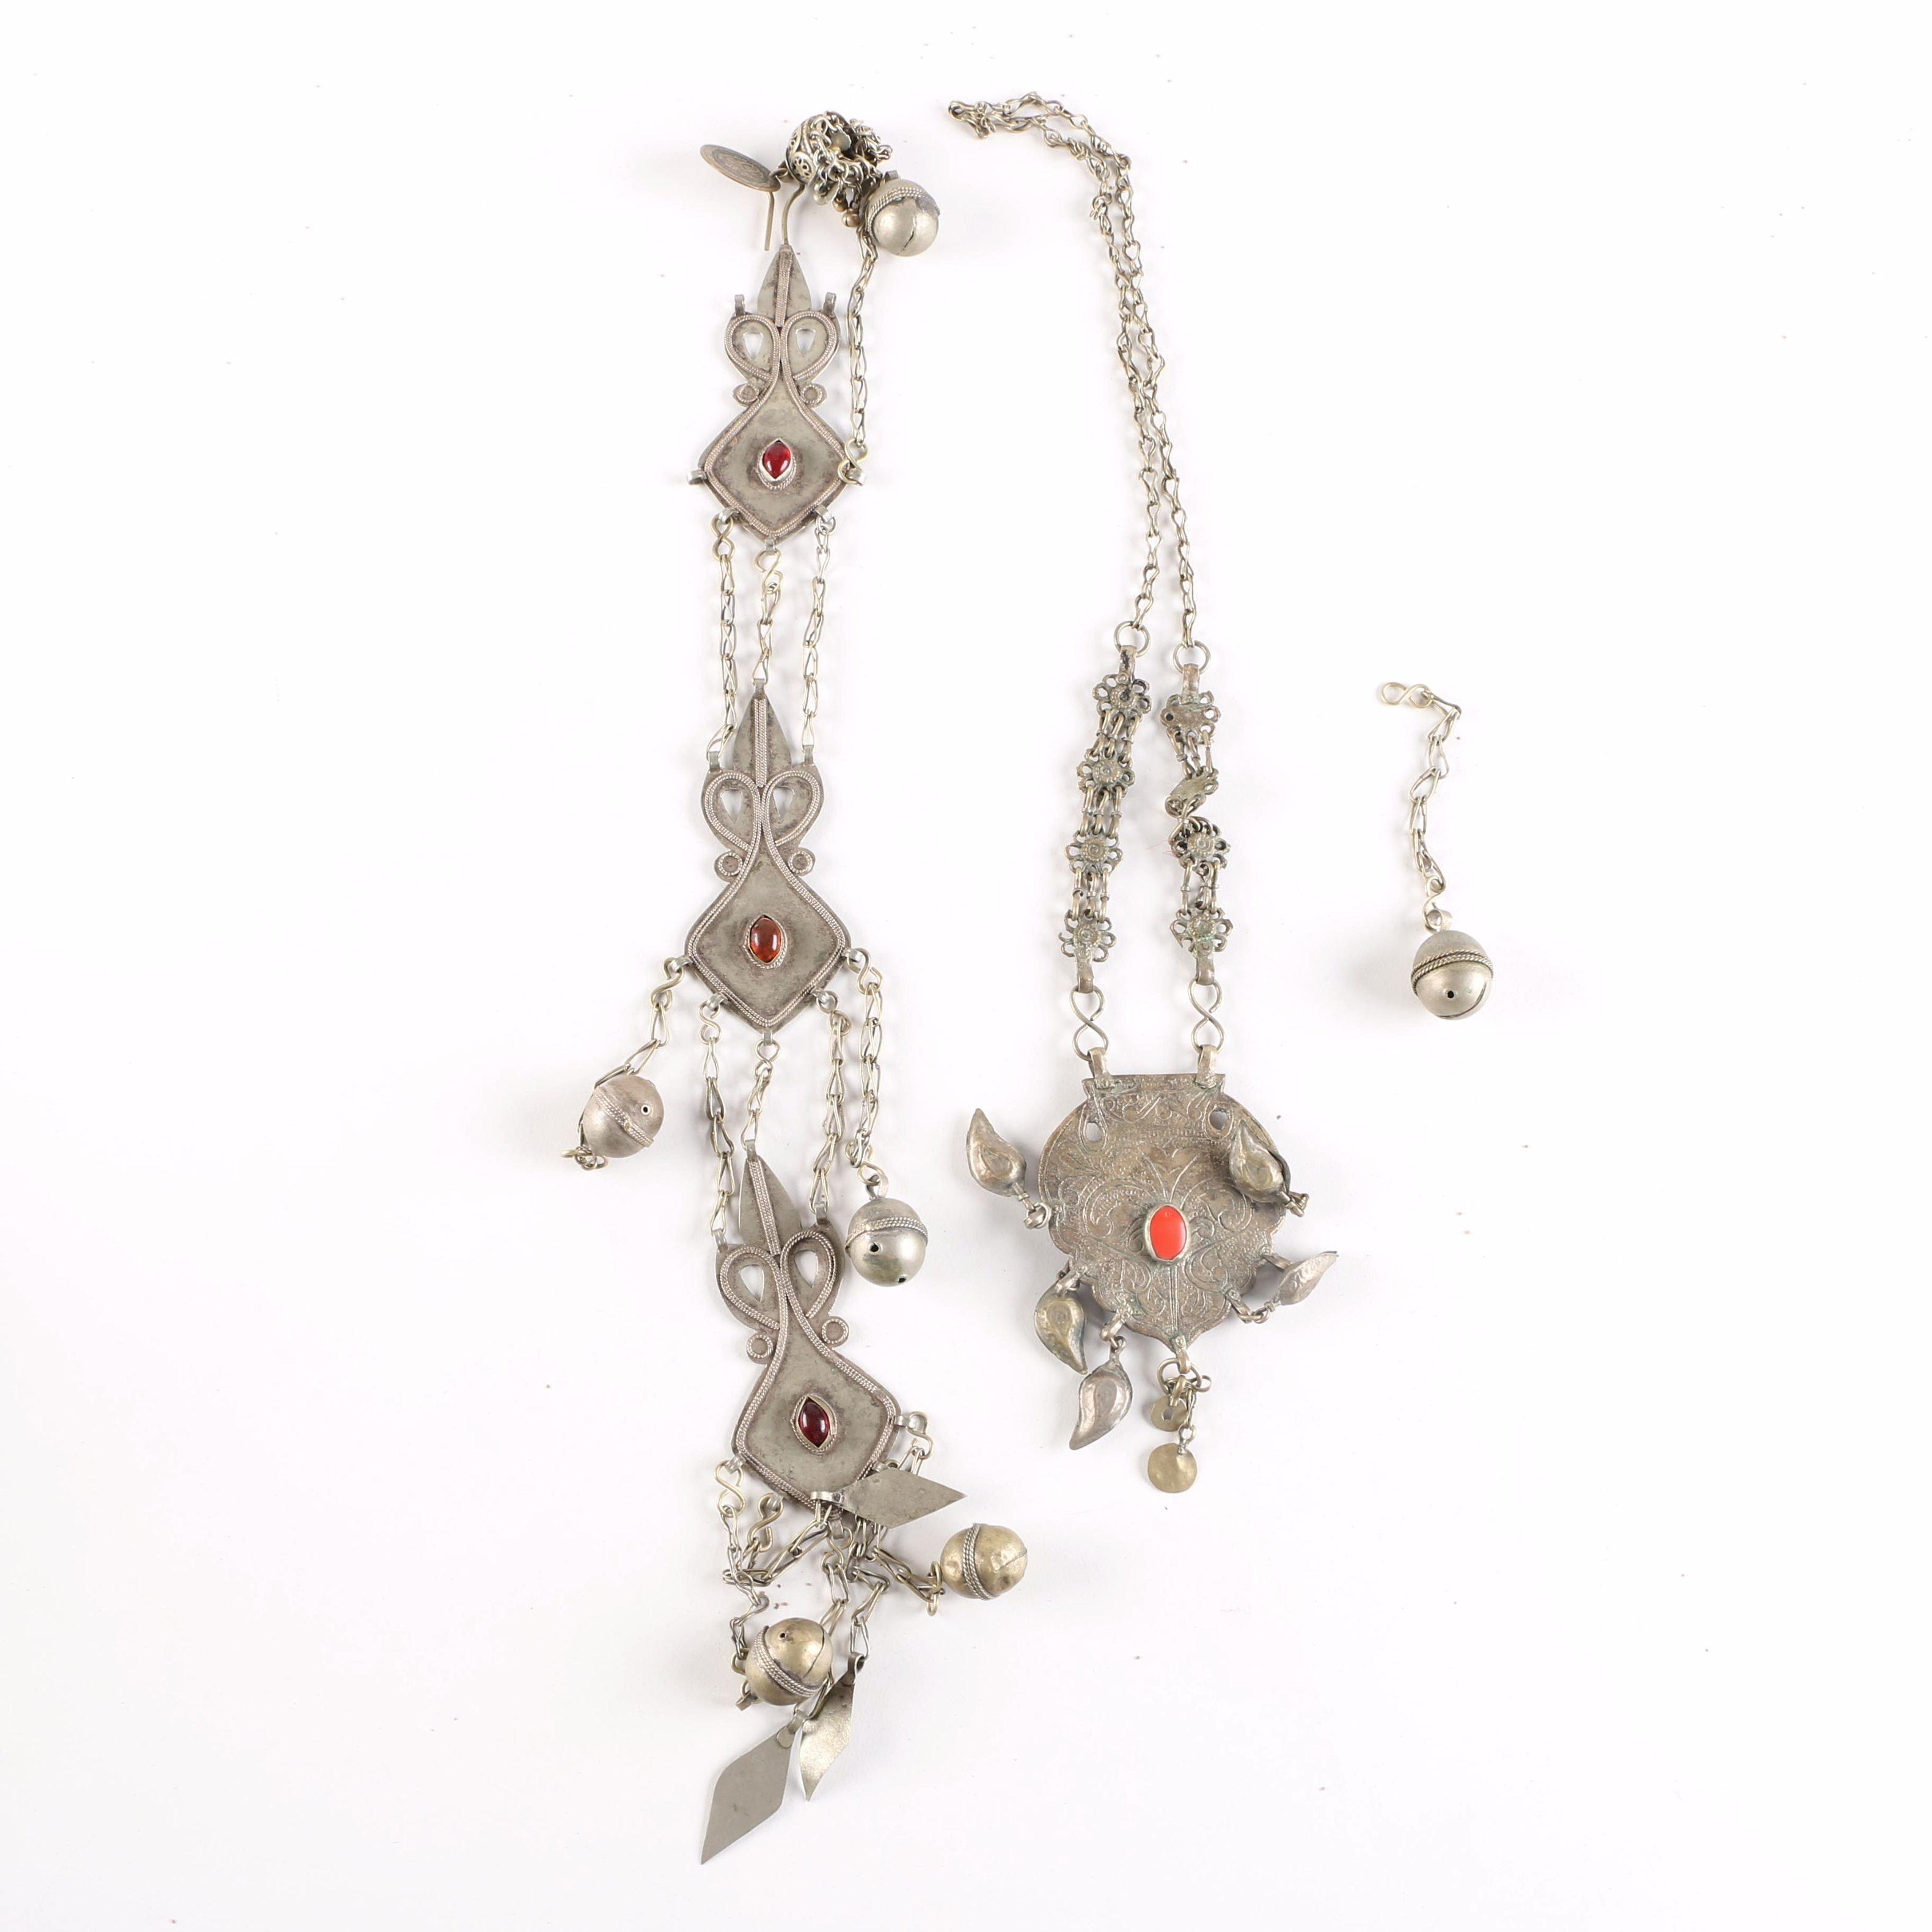 Yemeni-Inspired Jewelry